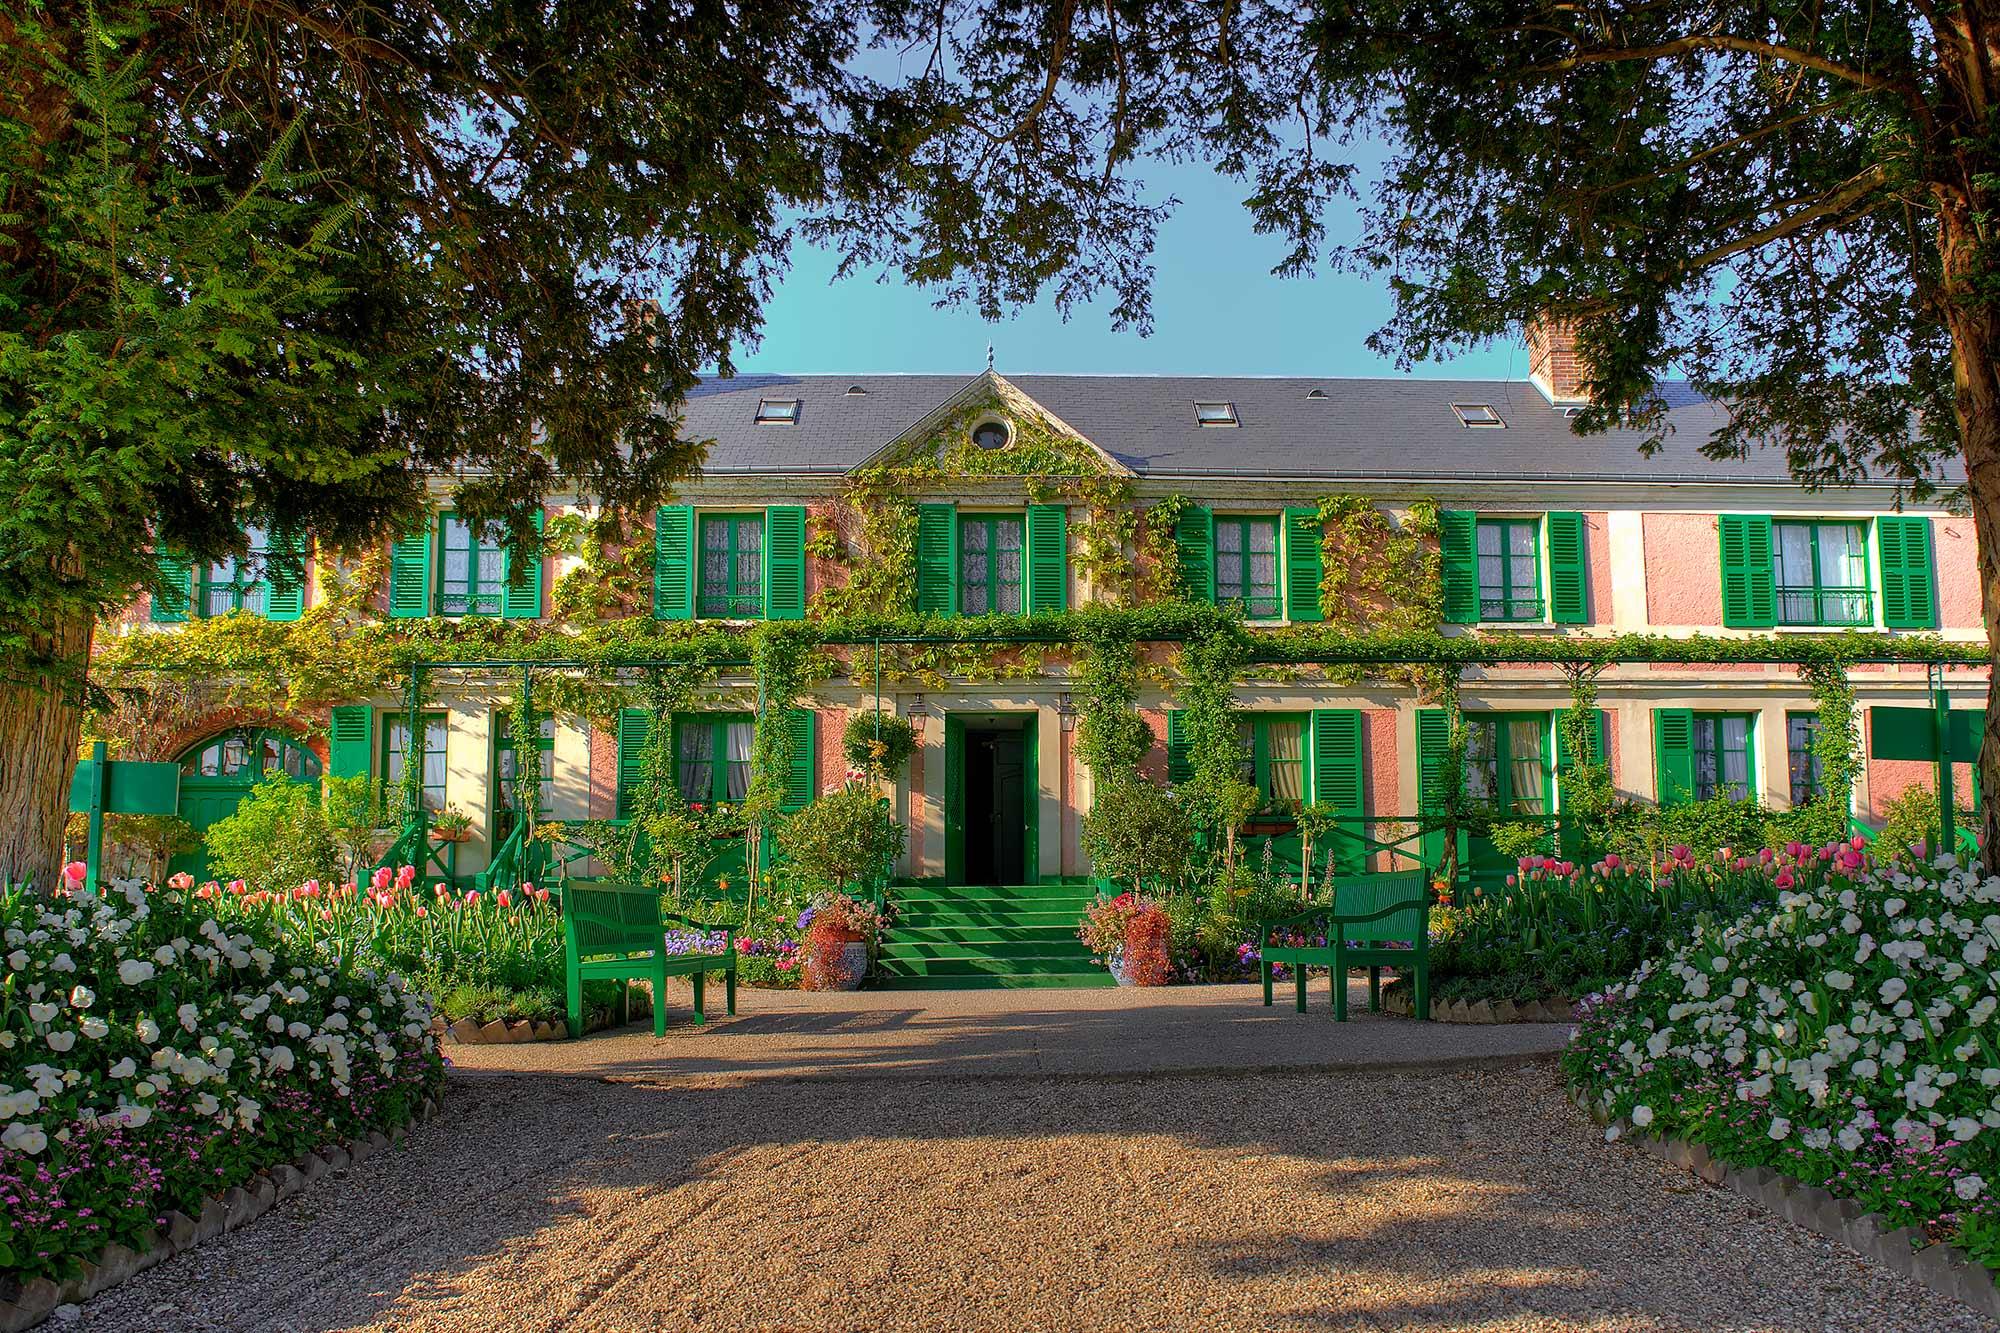 De tuinen van Claude Monet